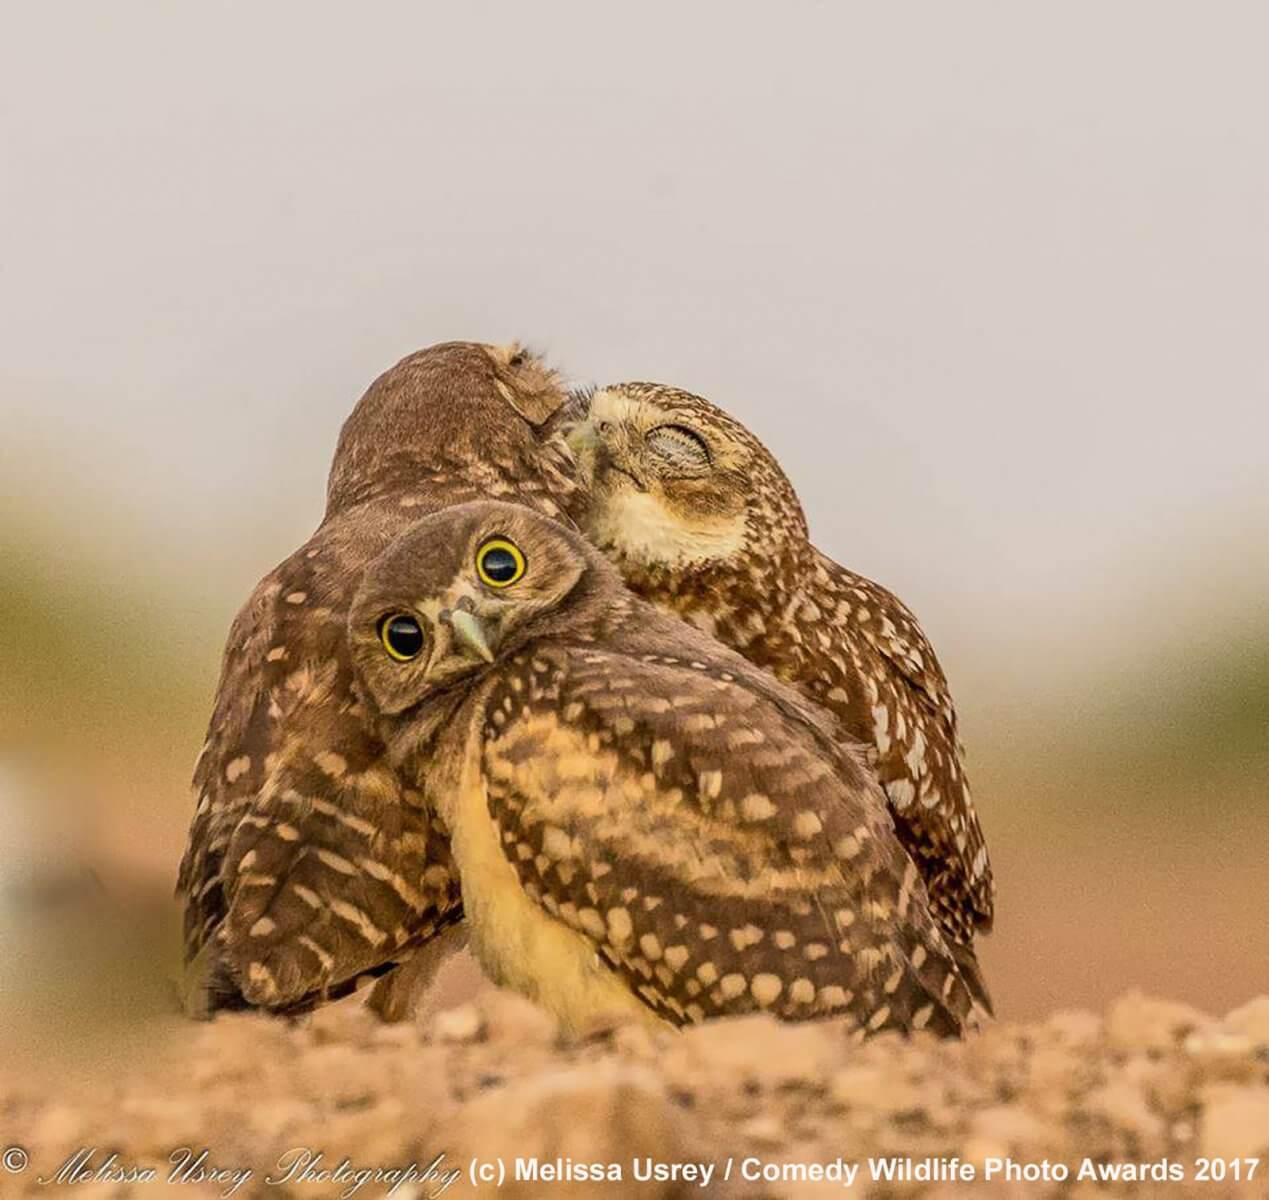 #фото | Работы финалистов конкурса фотографии Comedy Wildlife Photography 2017